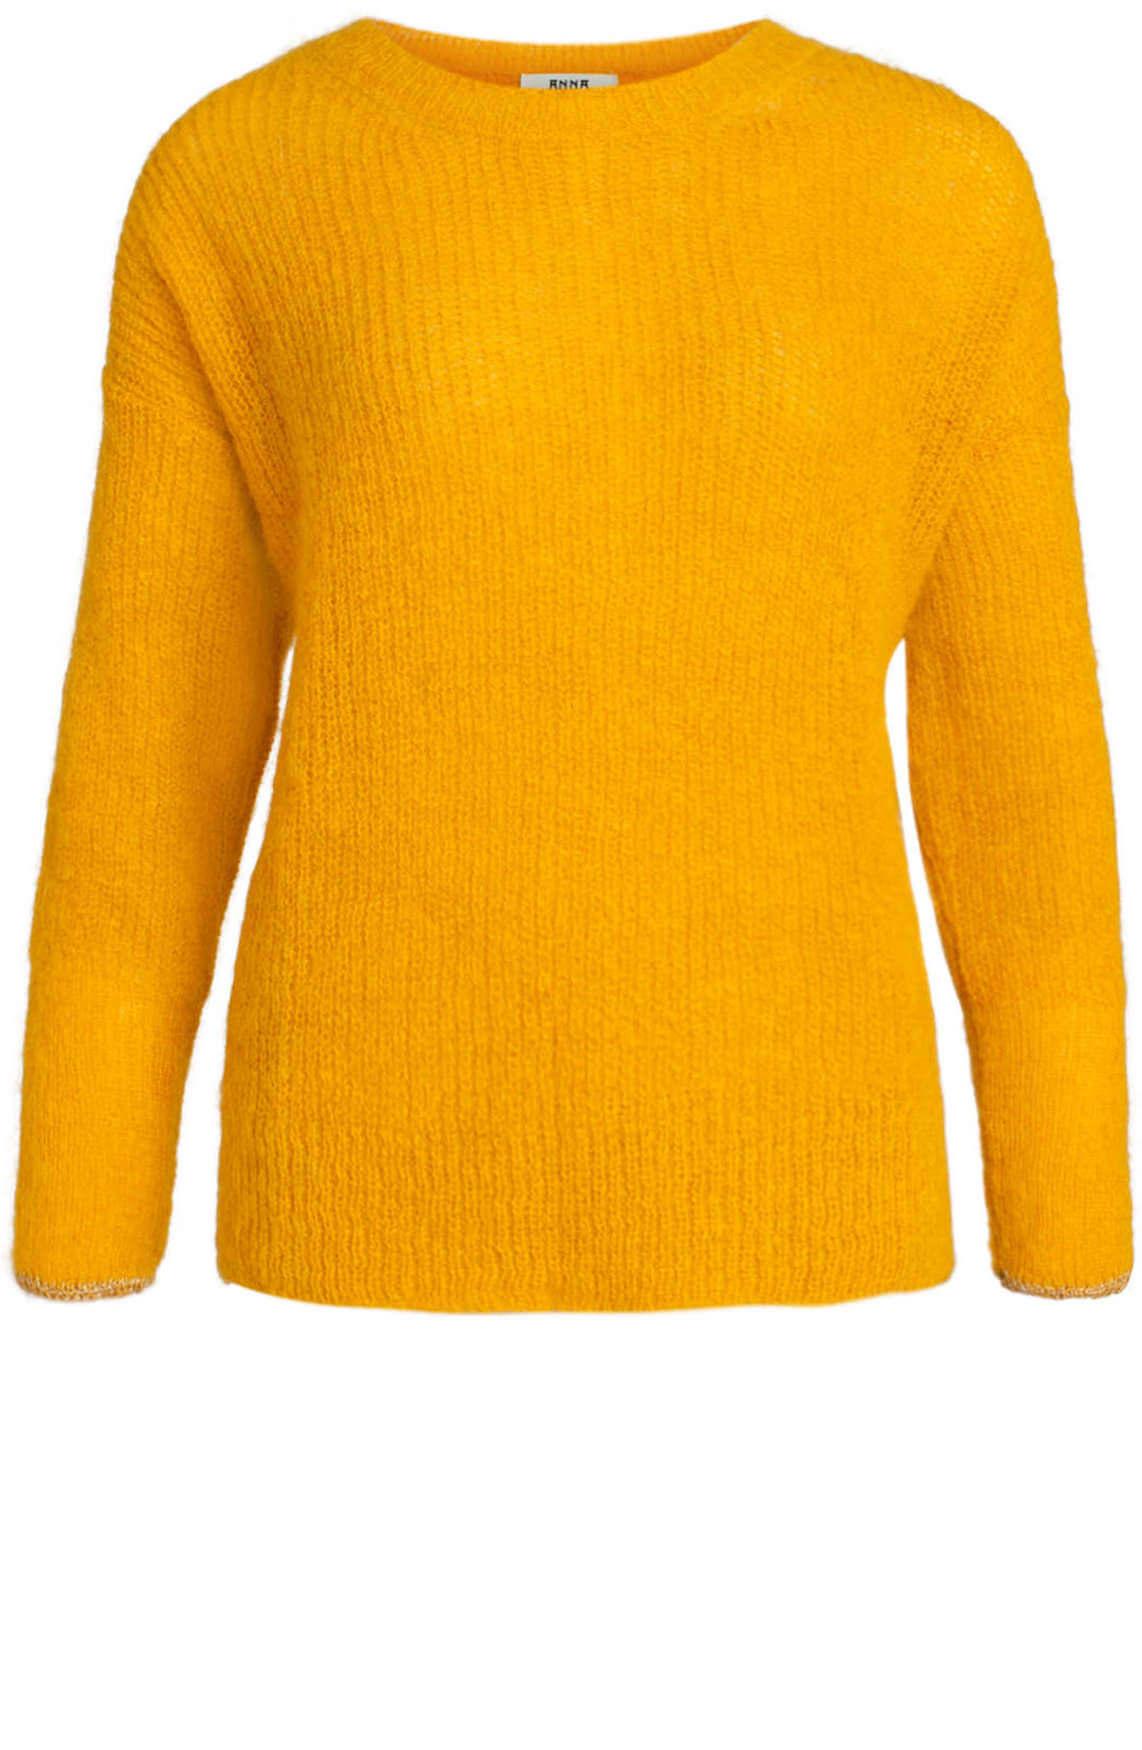 Anna Dames Pullover met lurex detail geel